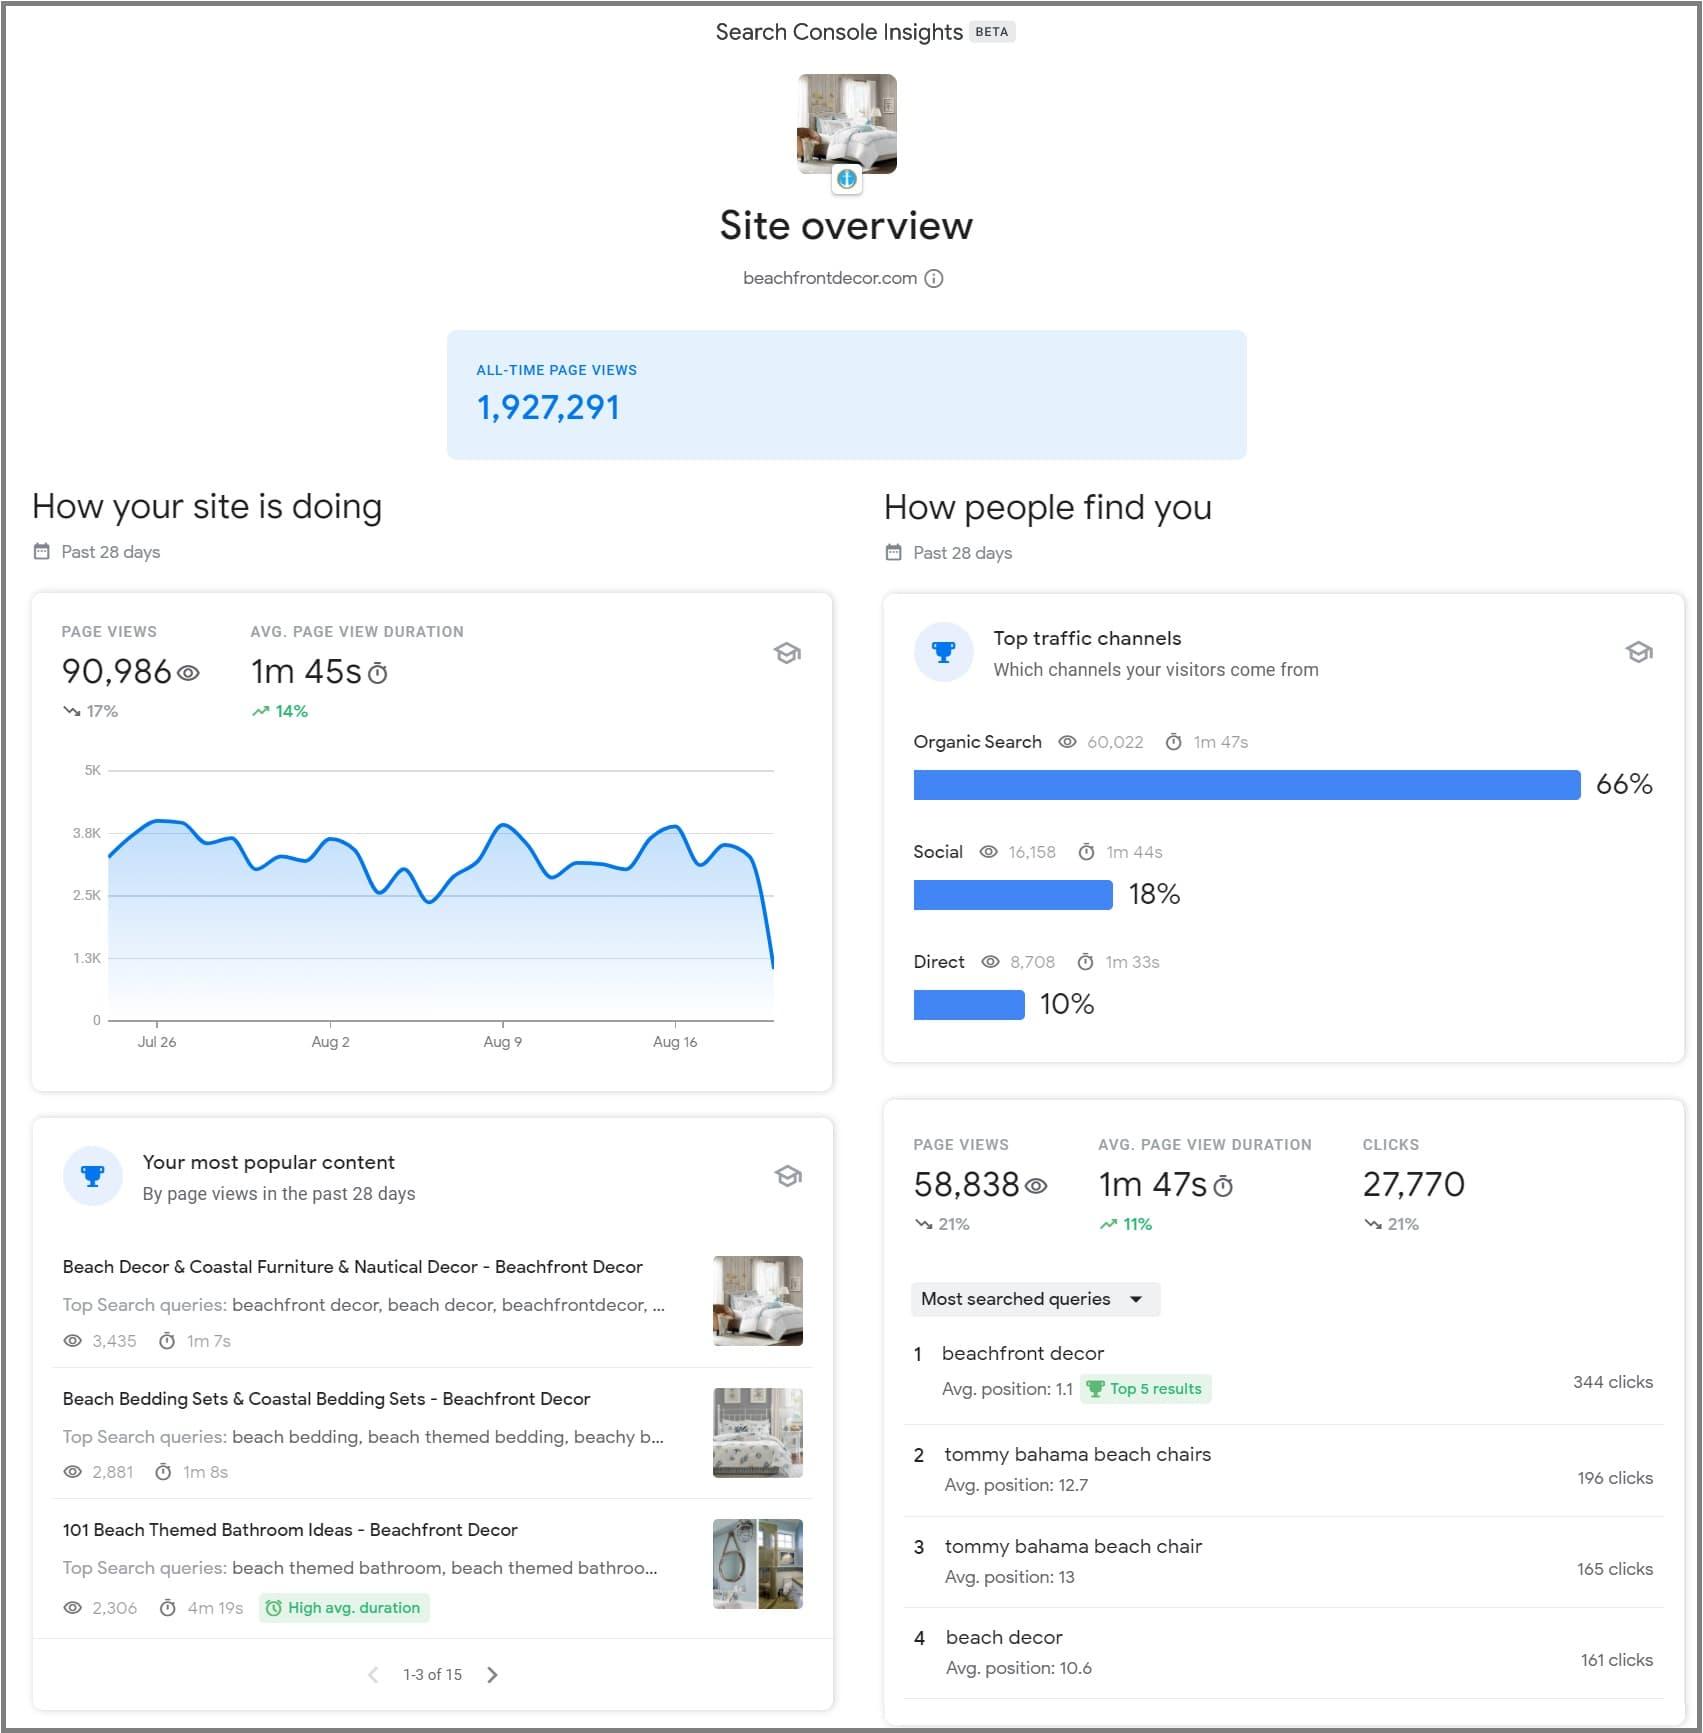 Отчет по сайту в Google Search Console Insights